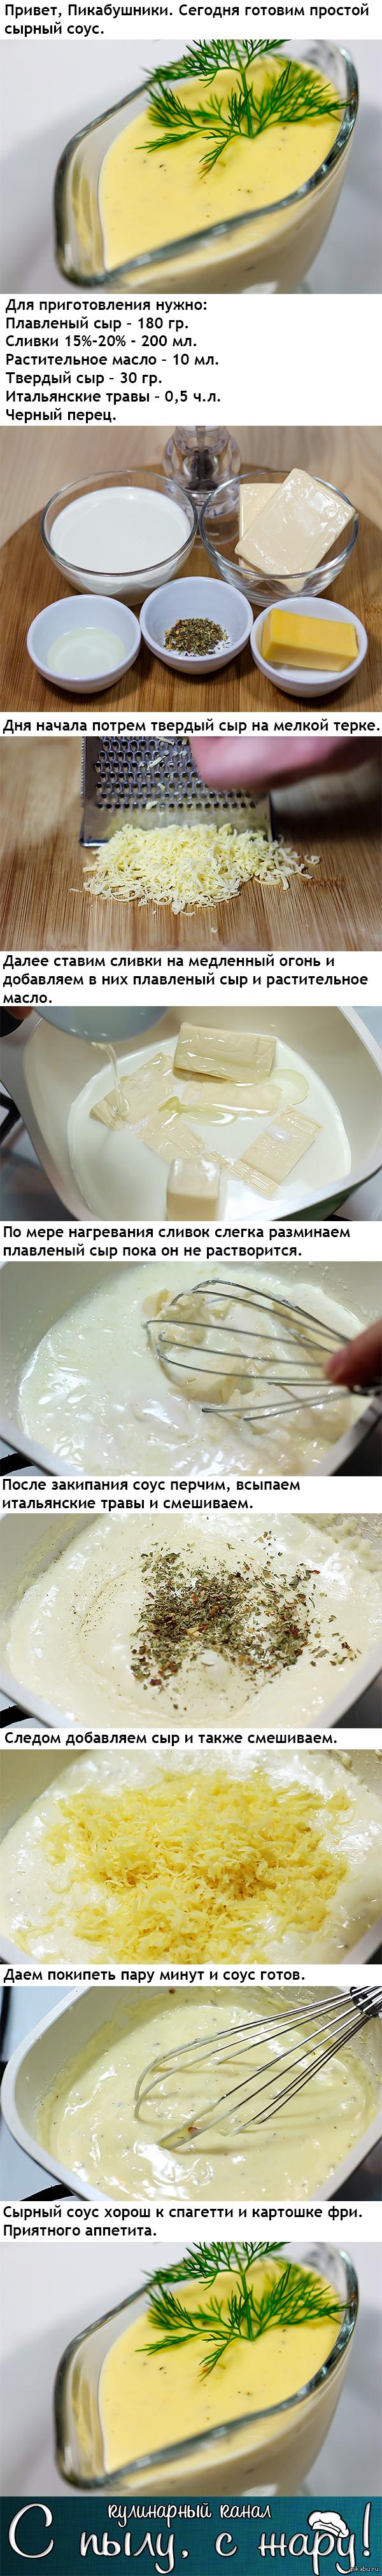 """Сырный соус Было приготовлено 4 соуса из поста <a href=""""http://pikabu.ru/story/sousyi_dlya_domashnego_prigotovleniya_3760979"""">http://pikabu.ru/story/_3760979</a>  Сегодня первый."""